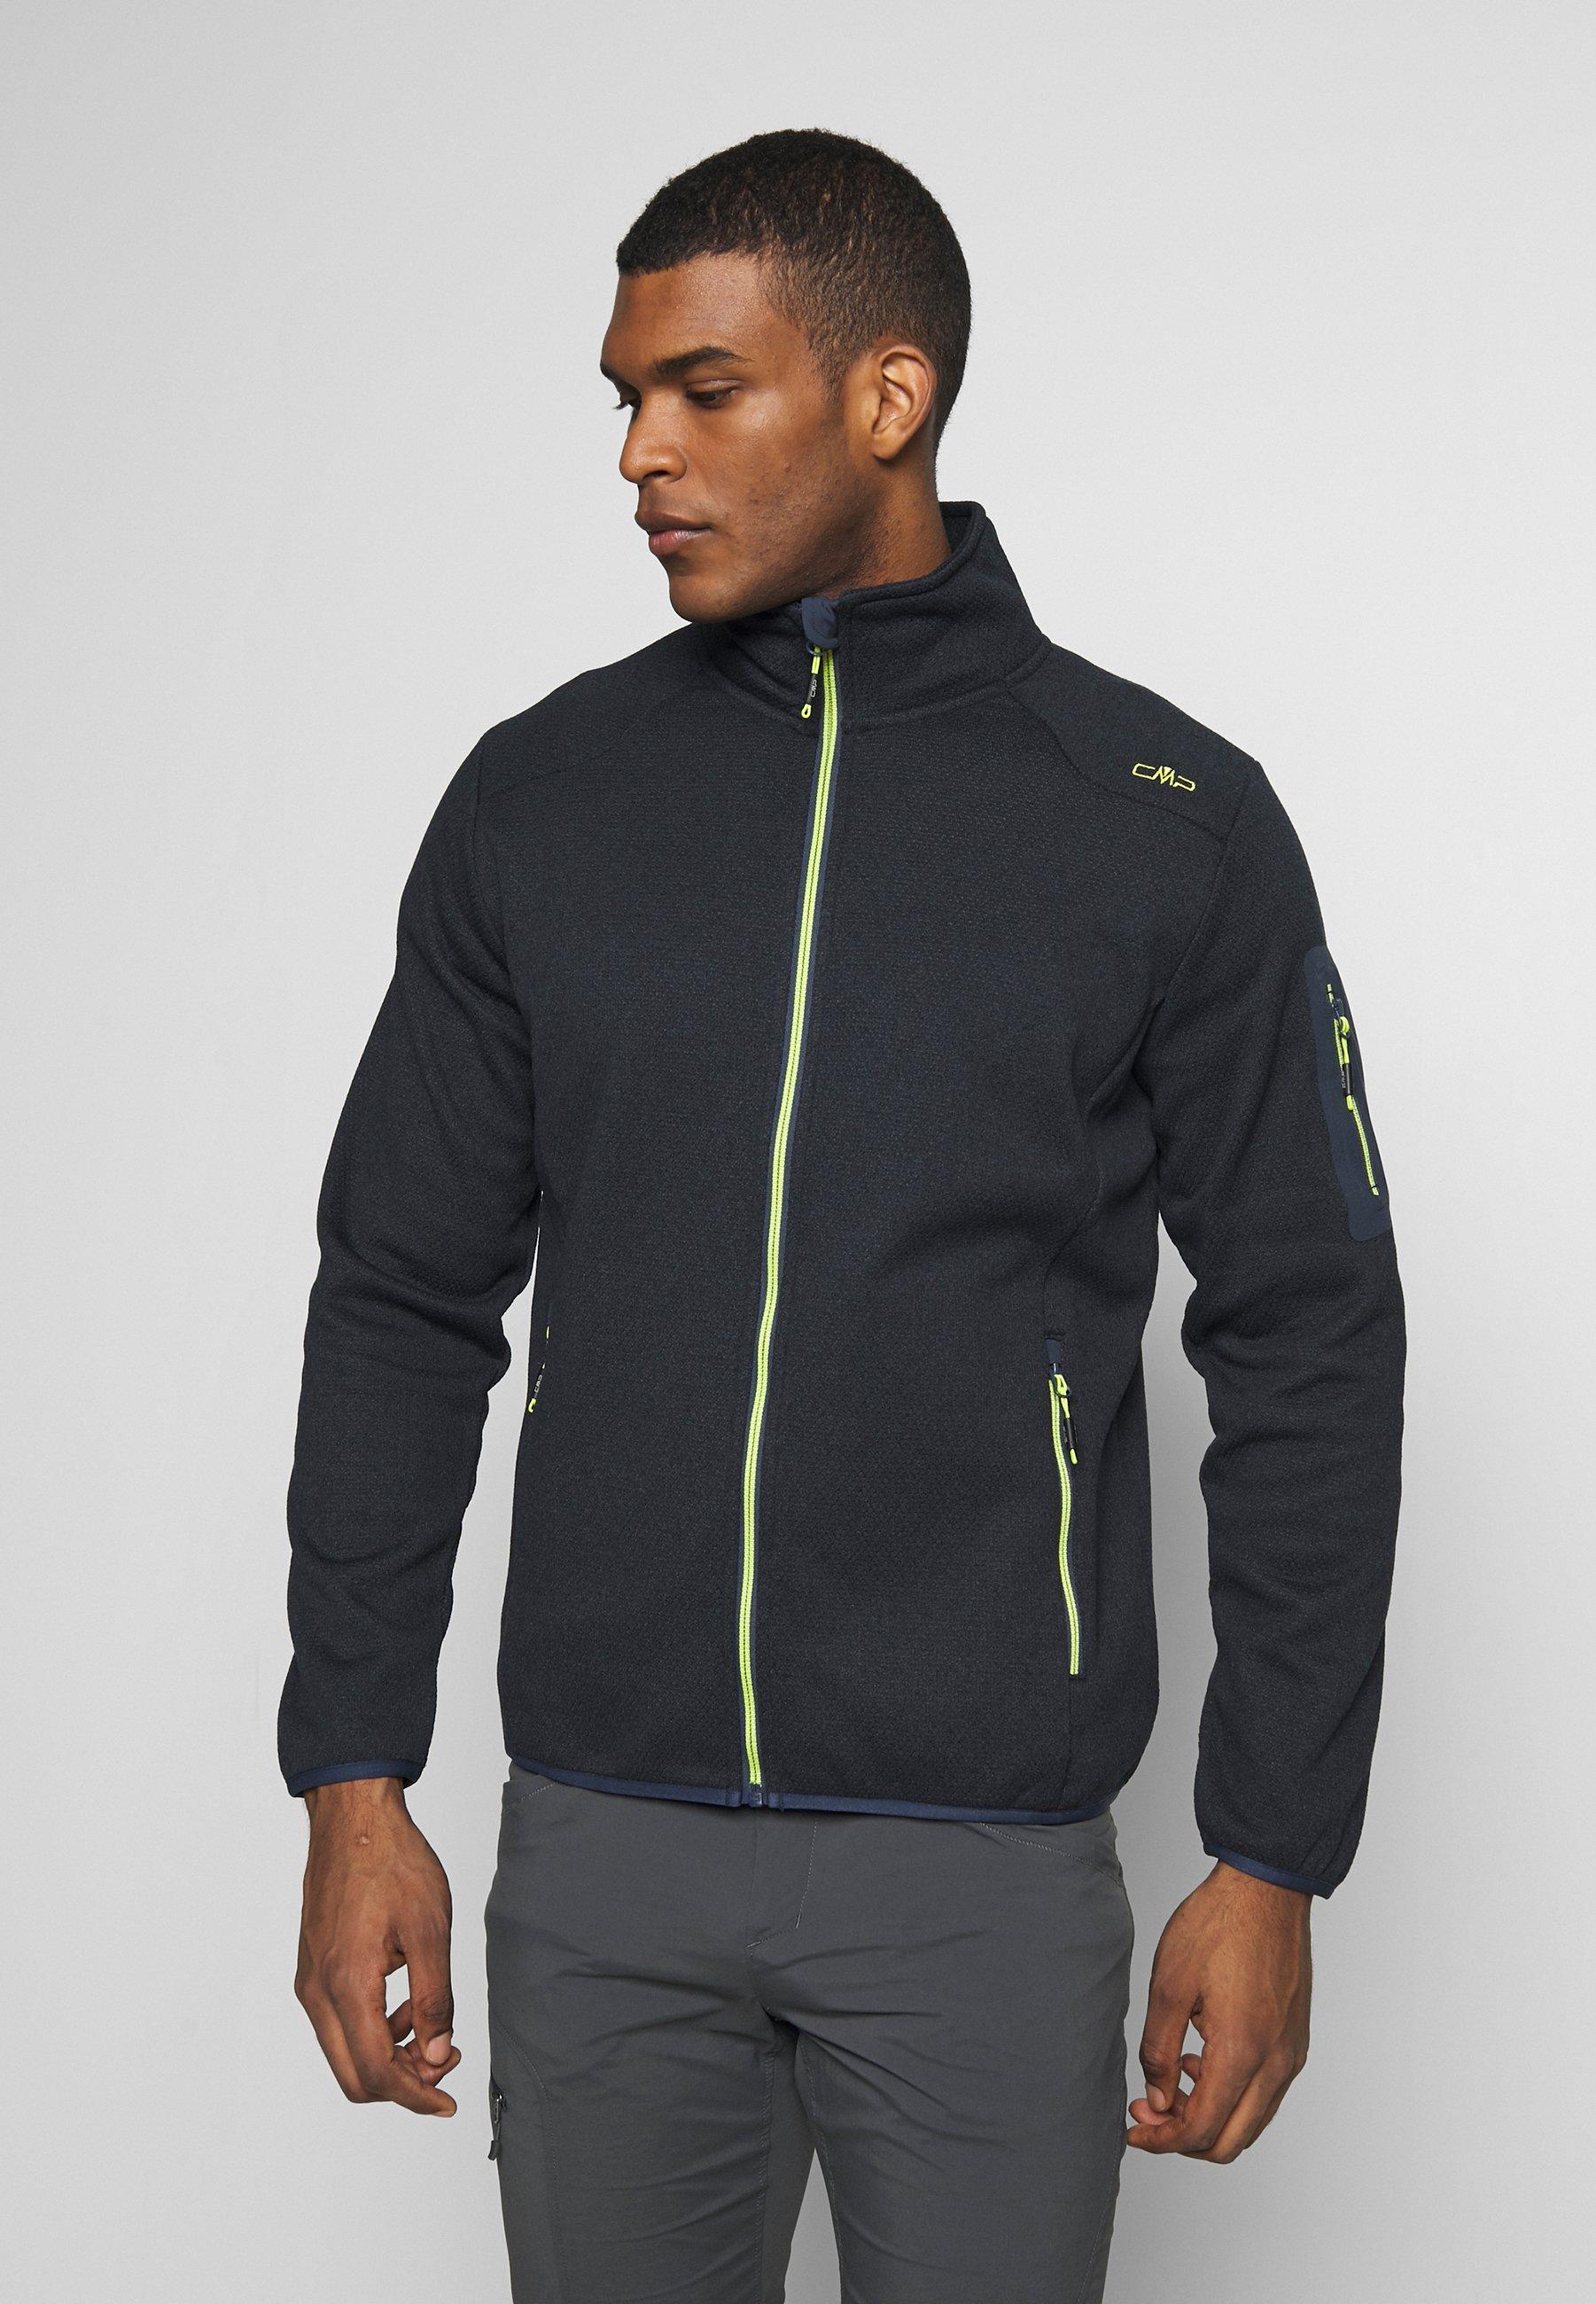 Jacken Größe 46 für Herren versandkostenfrei online | ZALANDO